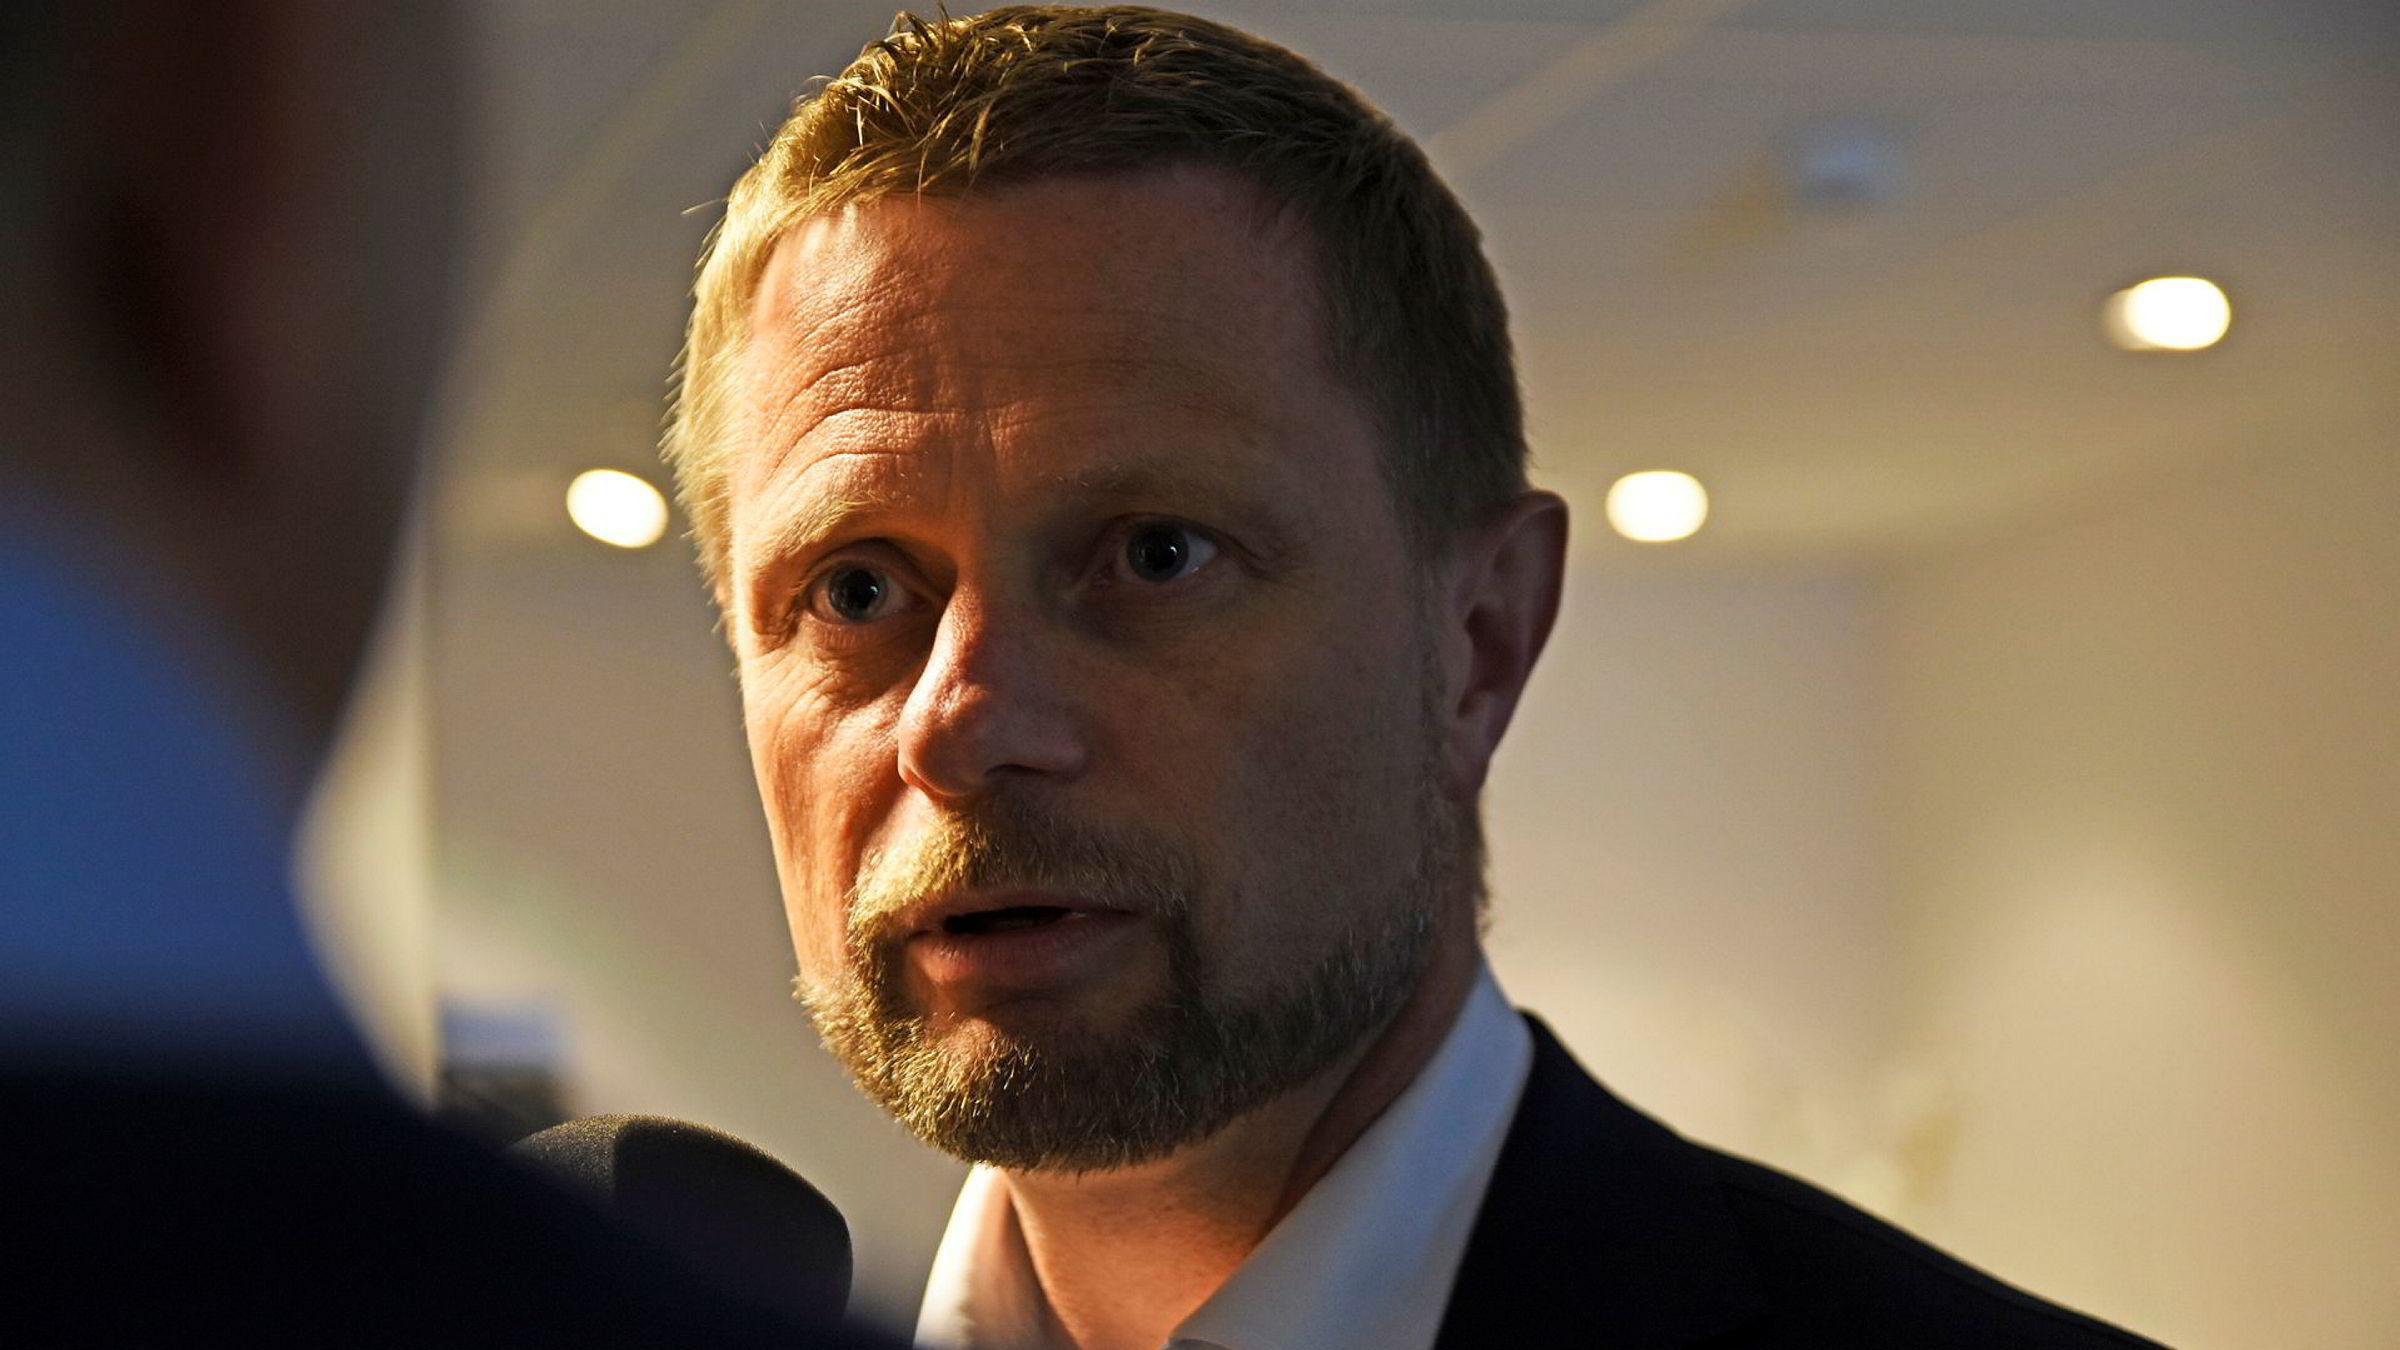 Helse- og omsorgsminister Bent Høie mener situasjonen mellom Legeforeningen og staten er krevende etter at forhandlingene mellom partene brøt sammen.